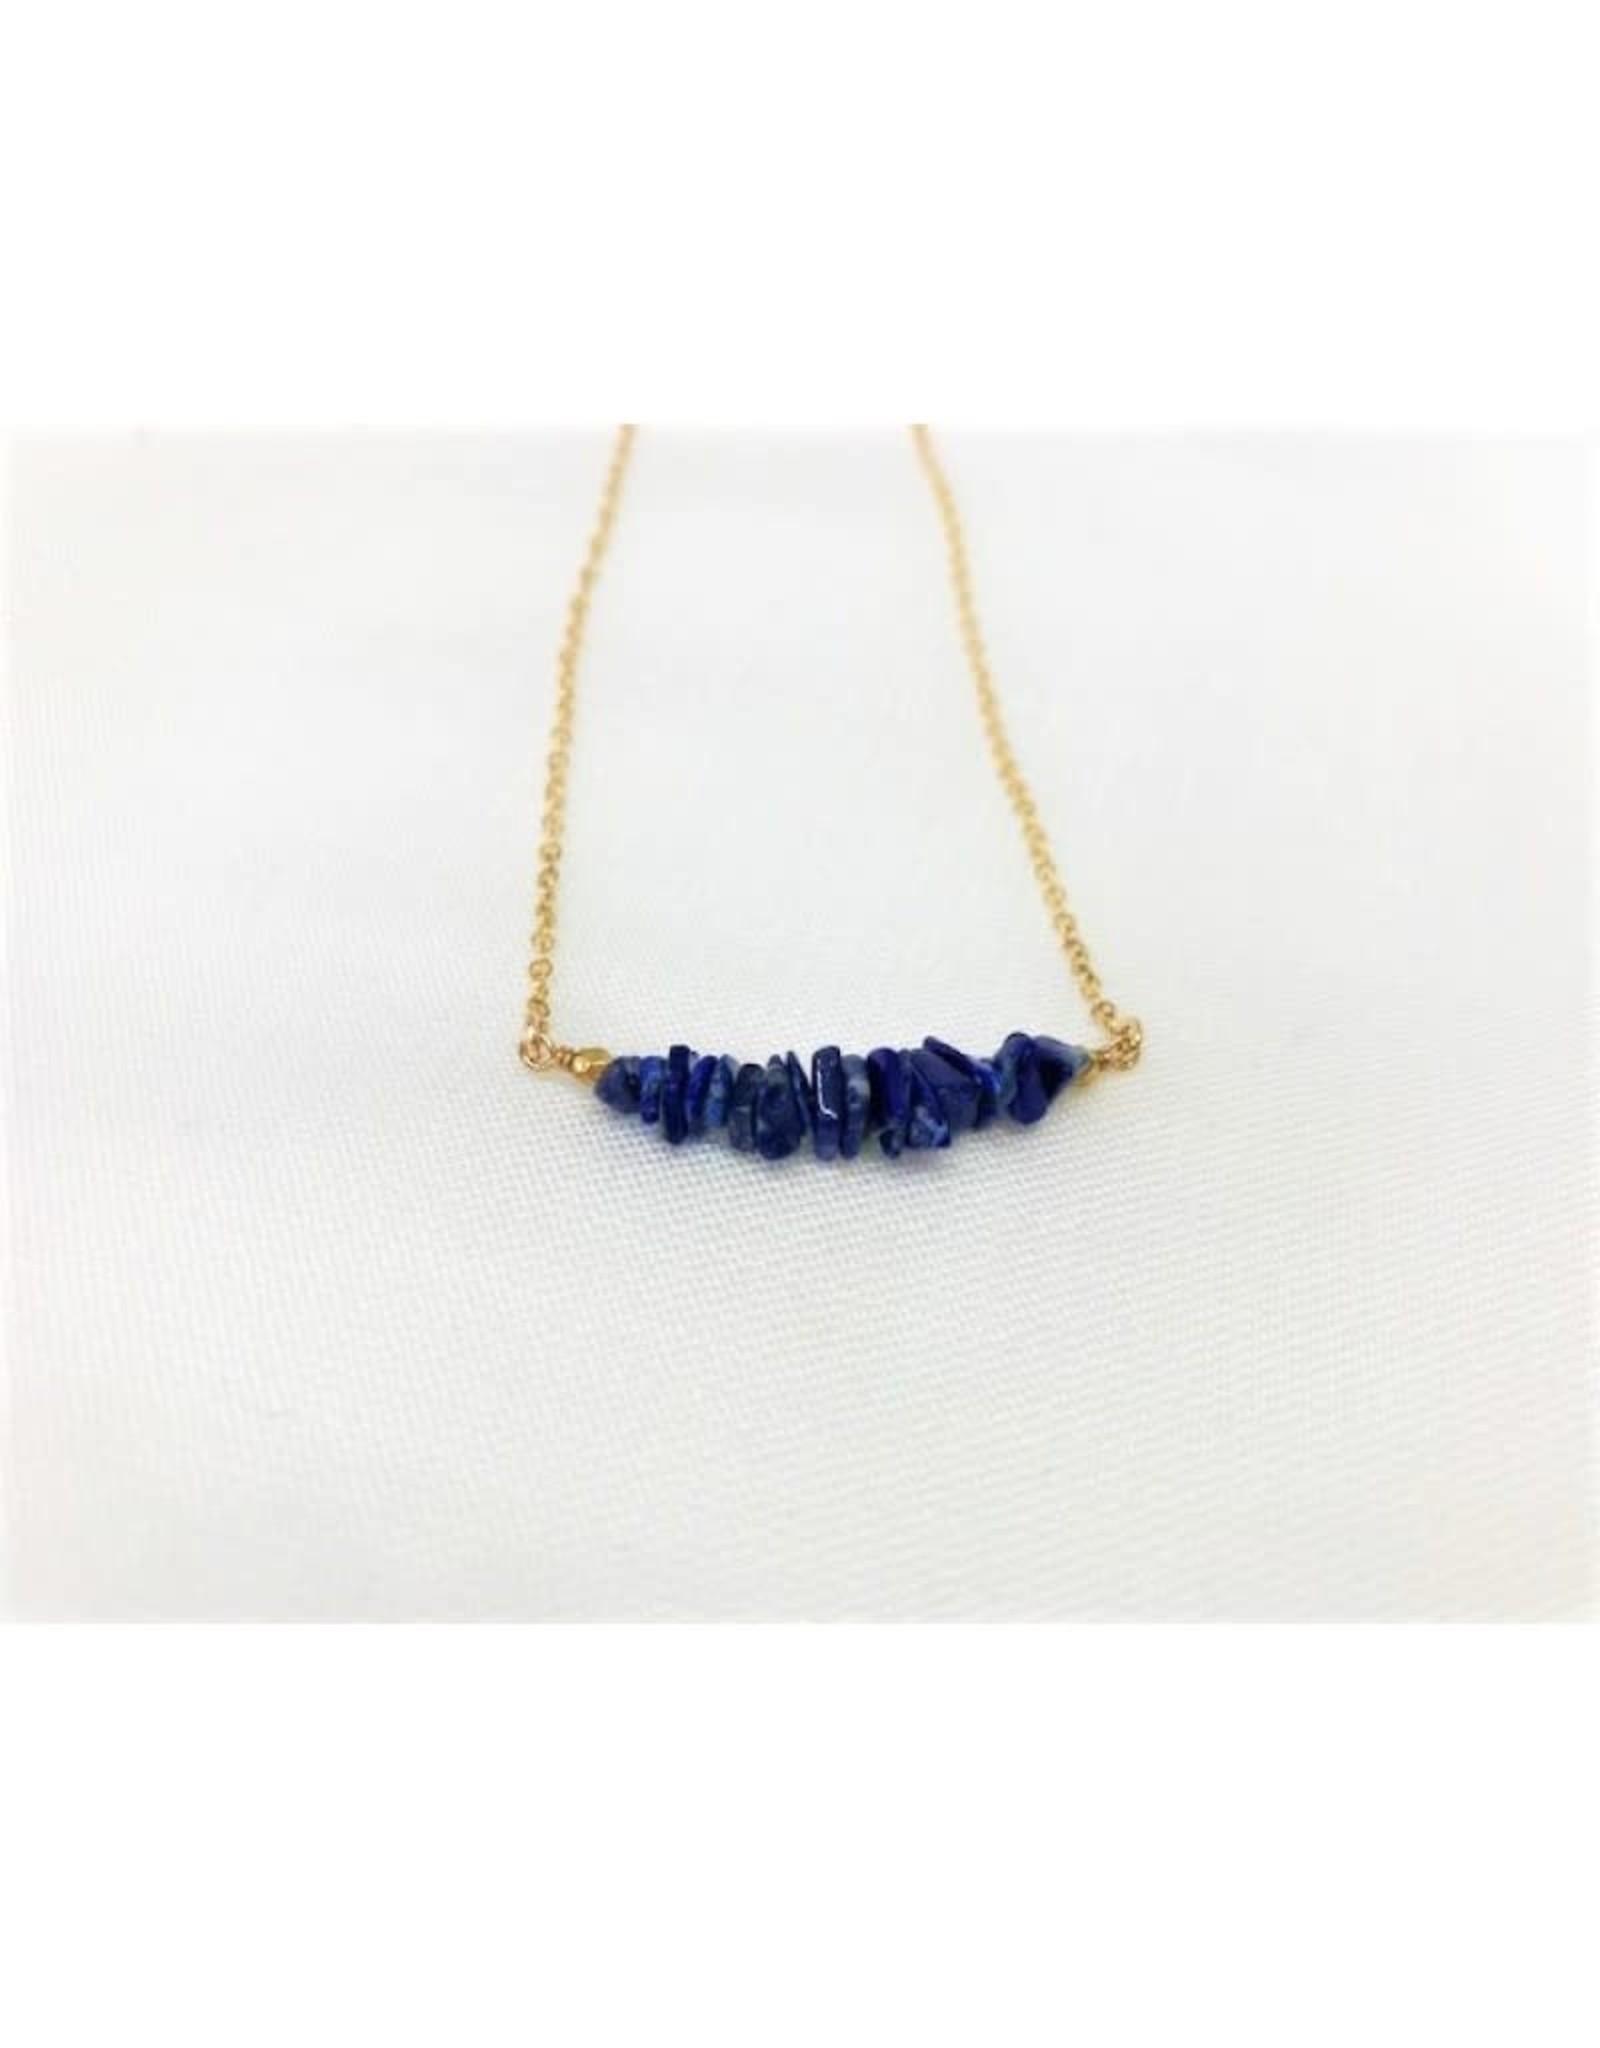 Gemstone Bar Necklace - Lapis